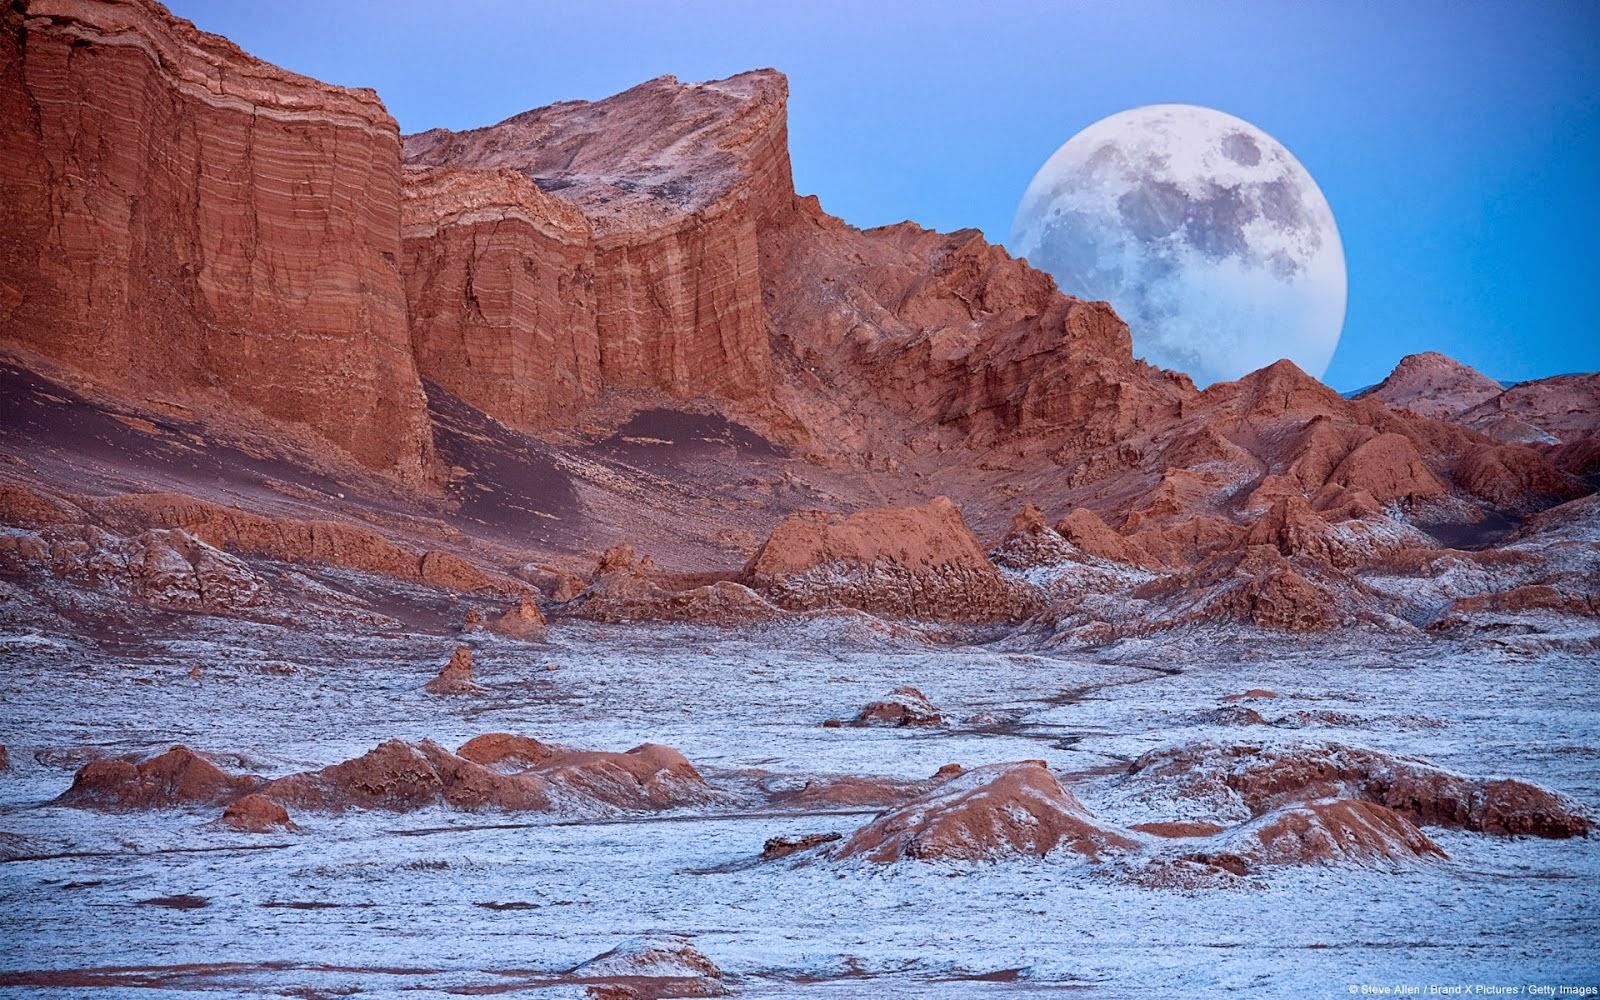 Humanoide de Atacama. Valle+de+la+Luna,+desierto+de+Atacama+(Chile)